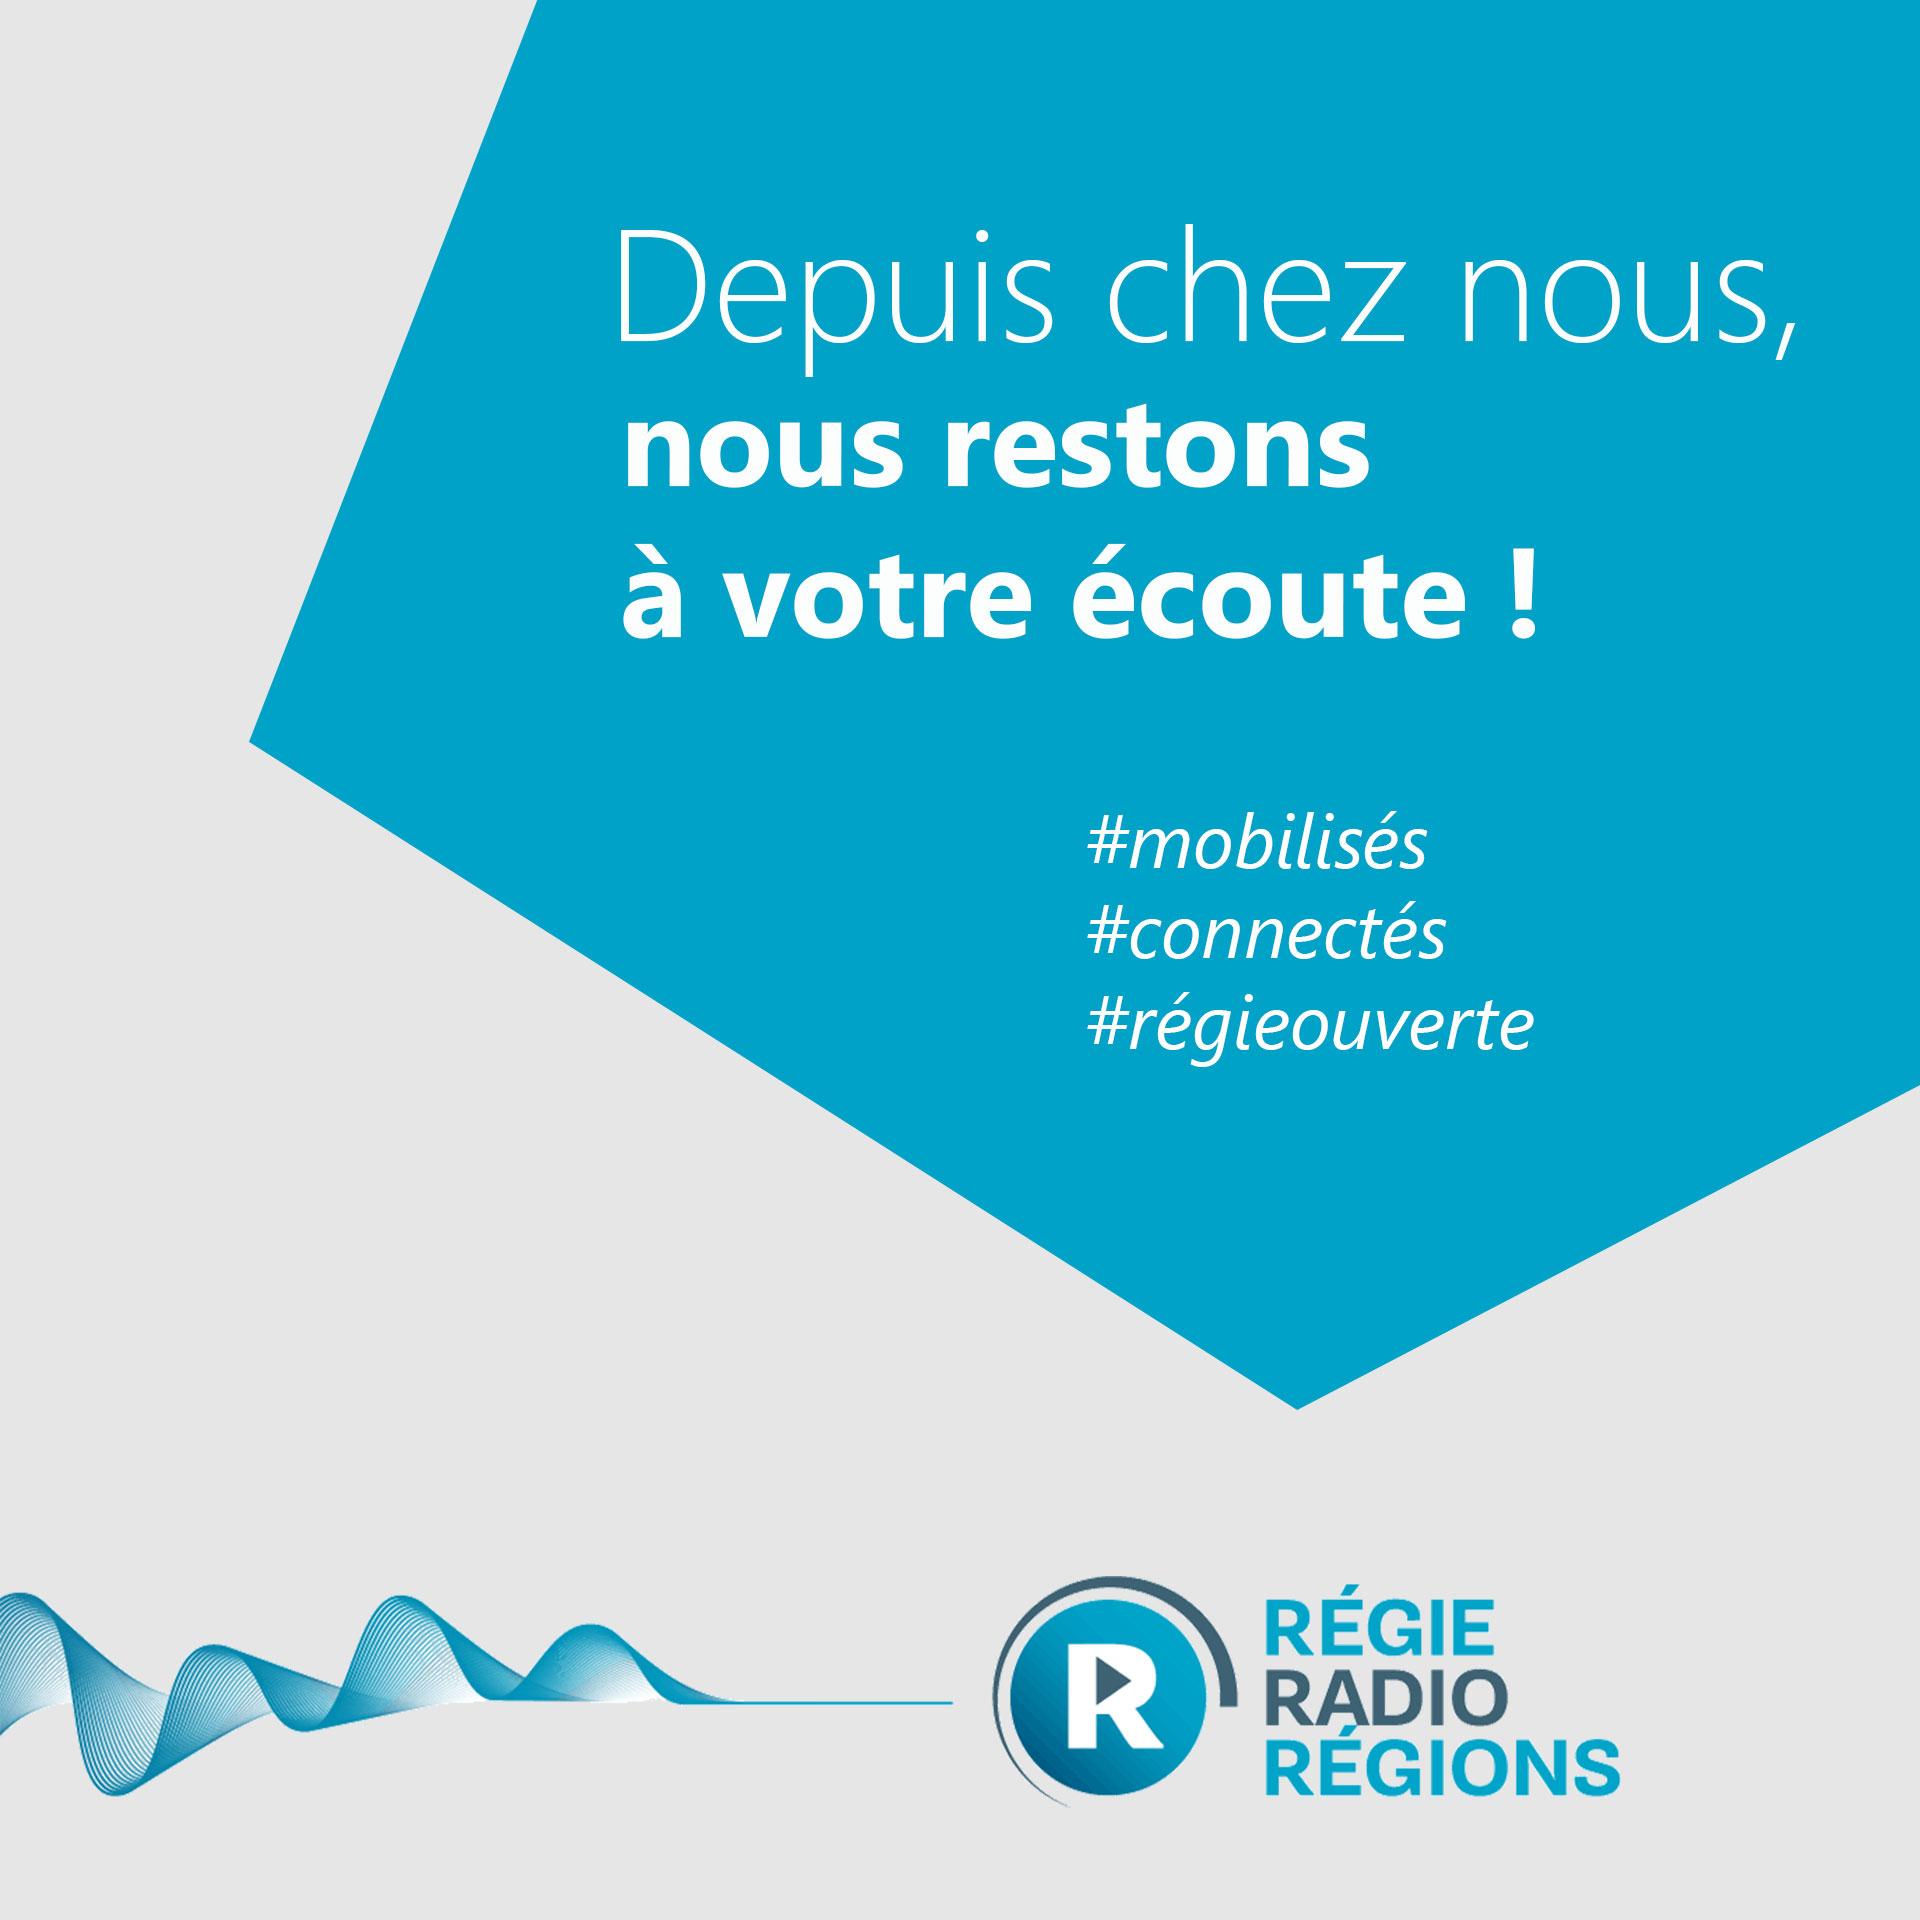 Régie Radio Régions, depuis chez nous, nous restons à votre écoute !